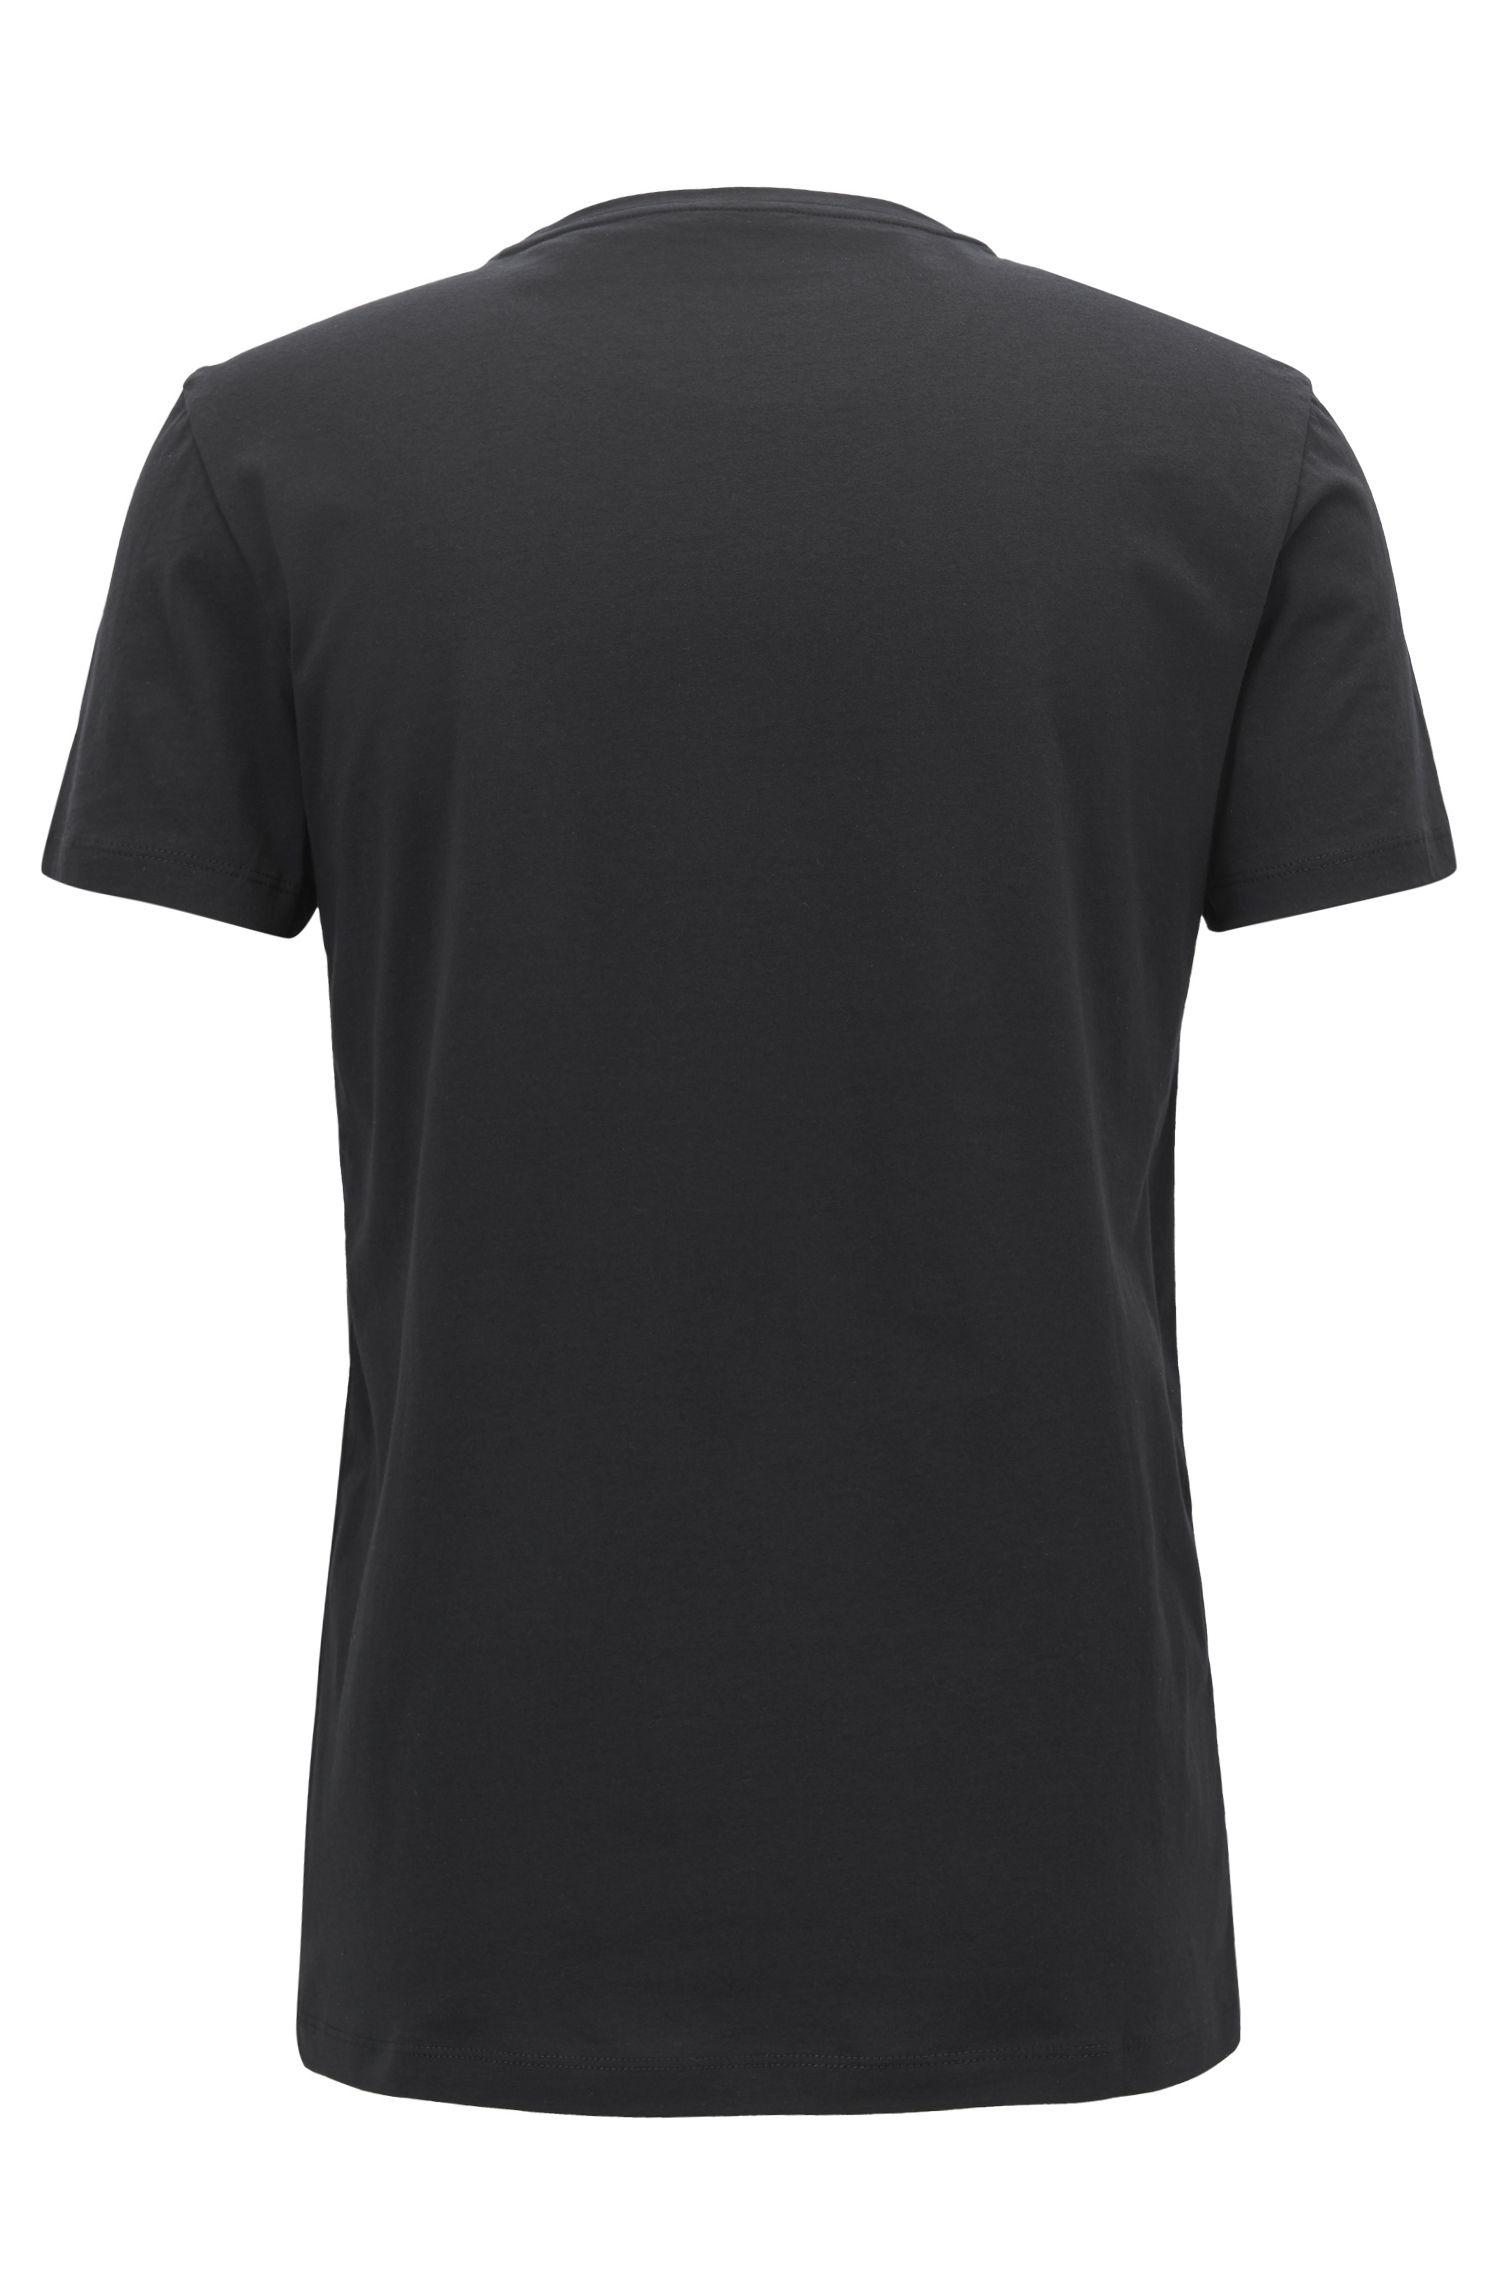 T-shirt van jersey met gevlokt logo in dégradé